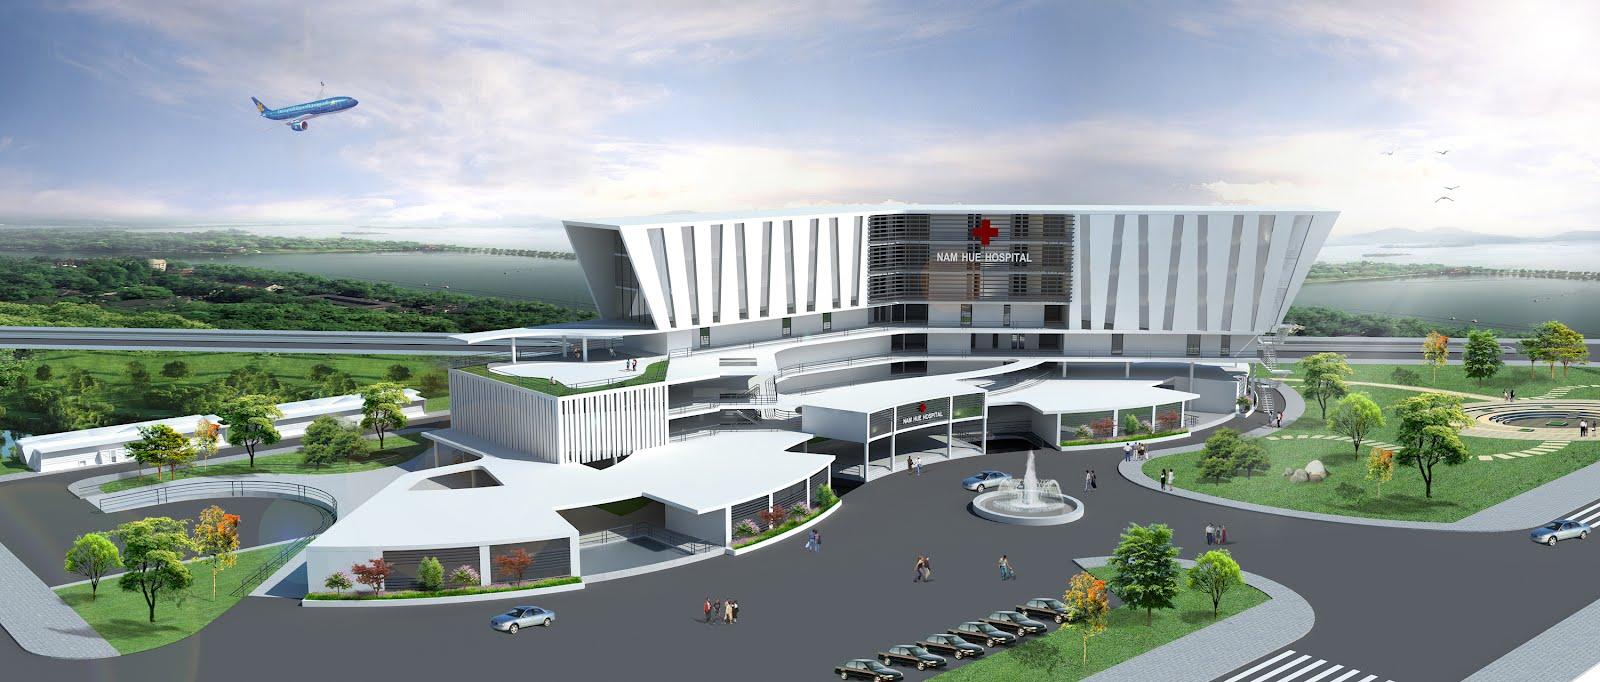 Đồ Án Bệnh Viện Đa Khoa 300 Giường - Nam Hue Hospital (9Đ Lưu)